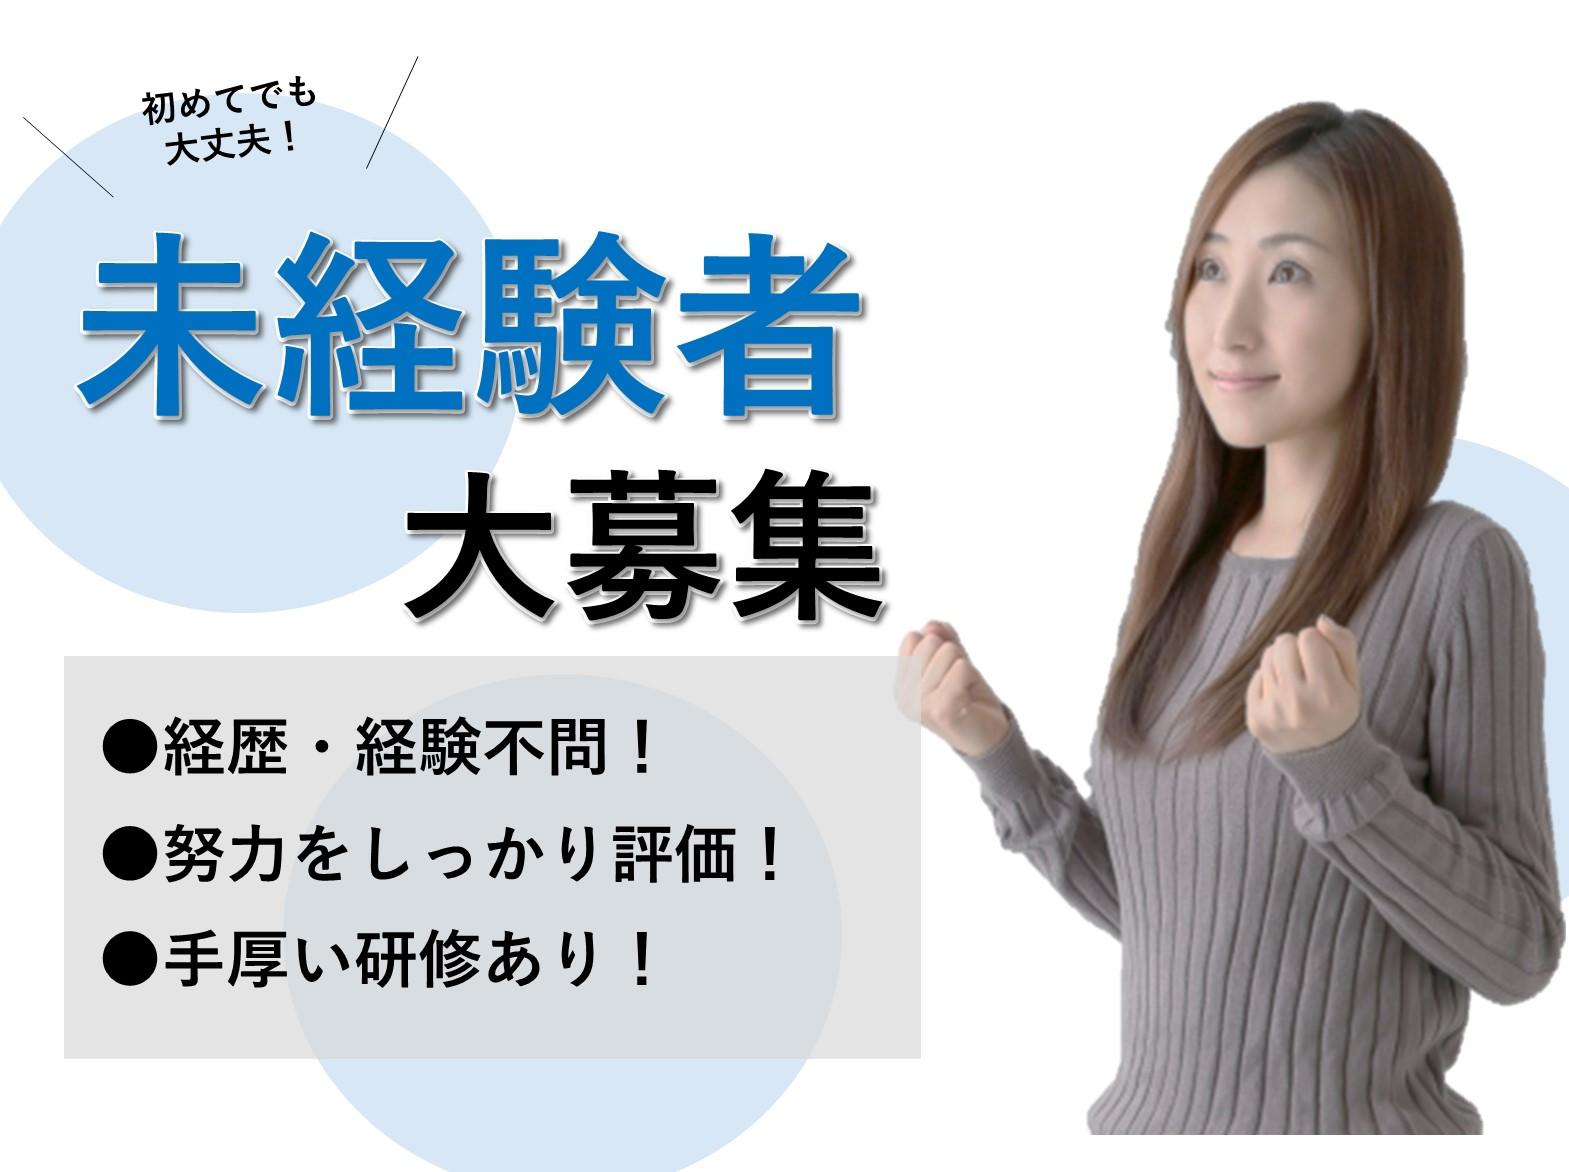 【転勤なし!未経験OK!】研磨石・セラミックス製品製造のお仕事 イメージ